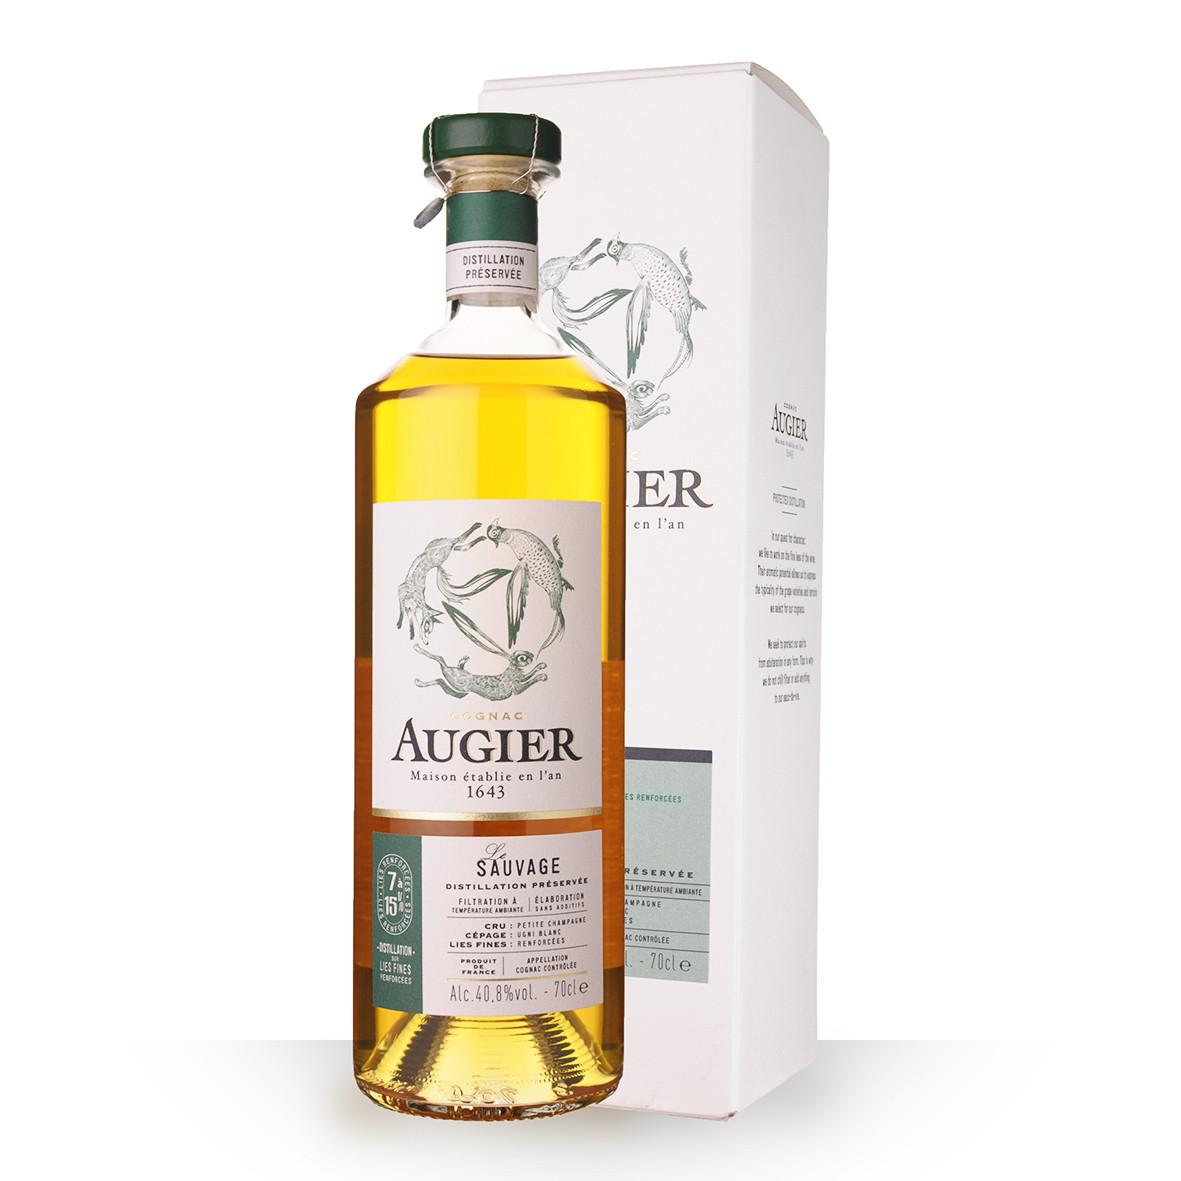 Cognac Augier Le Sauvage 70cl Etui www.odyssee-vins.com